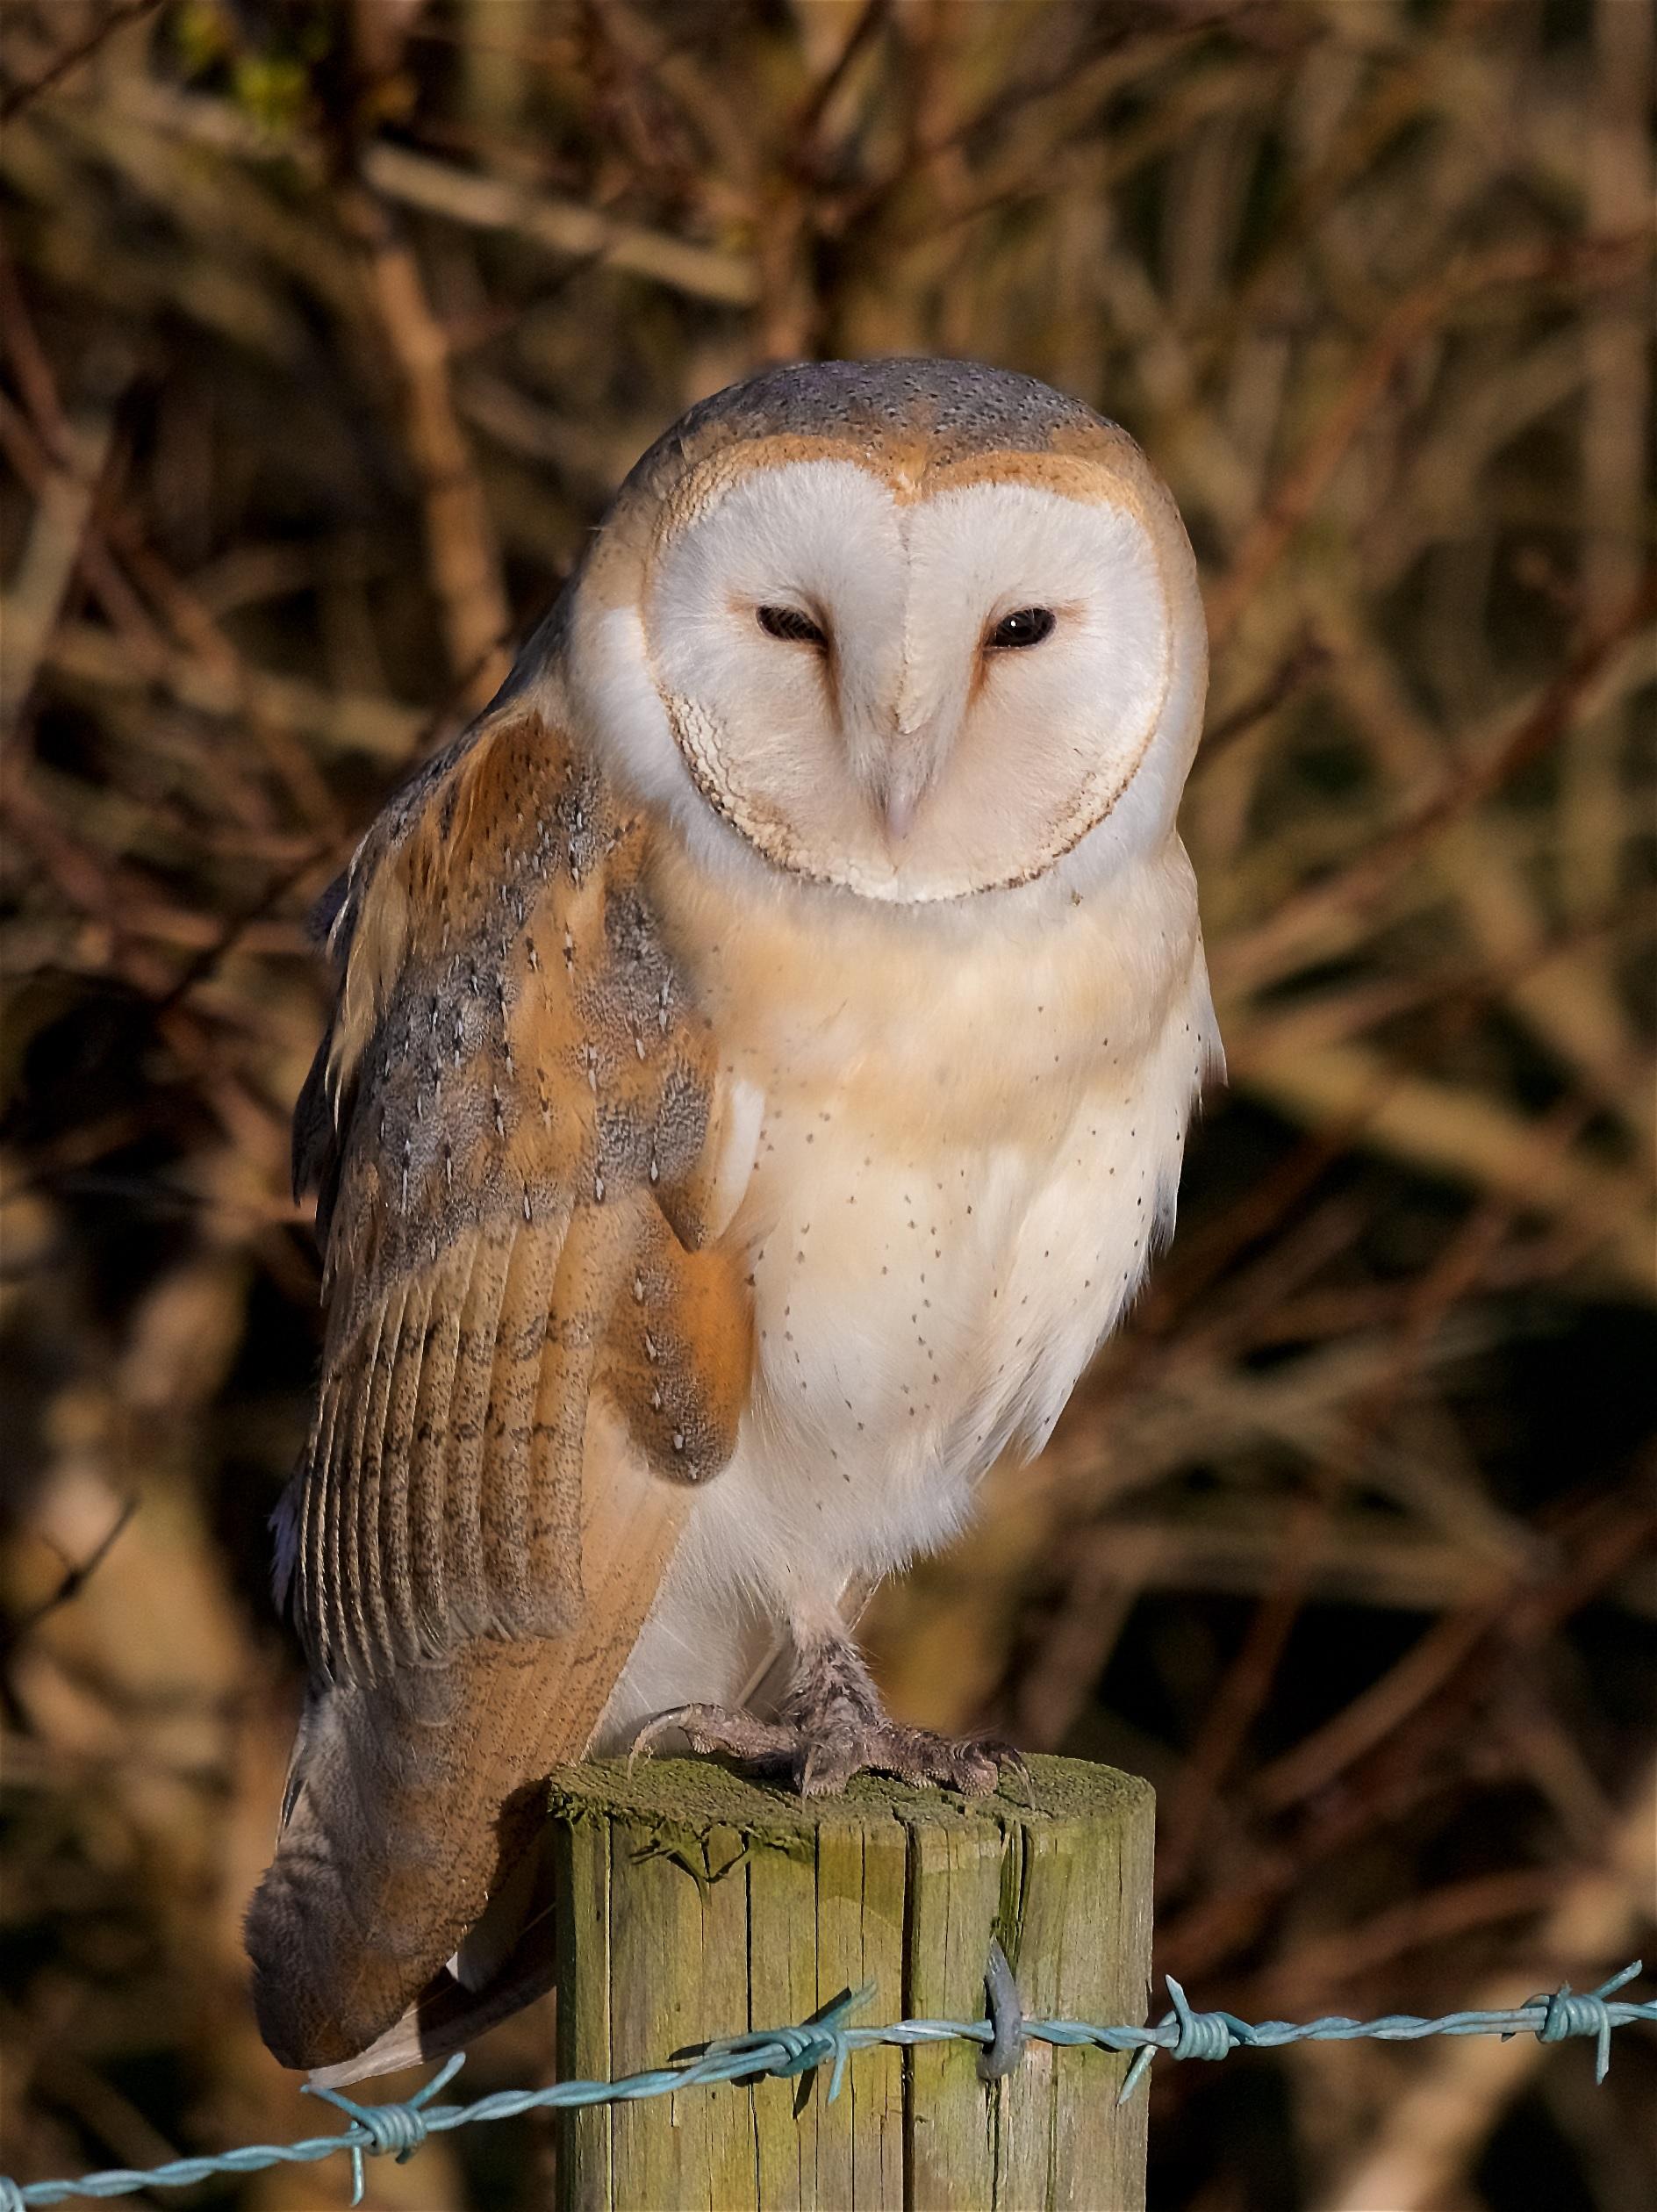 Isle of Man 'owl cam' goes live - Manx BirdLife